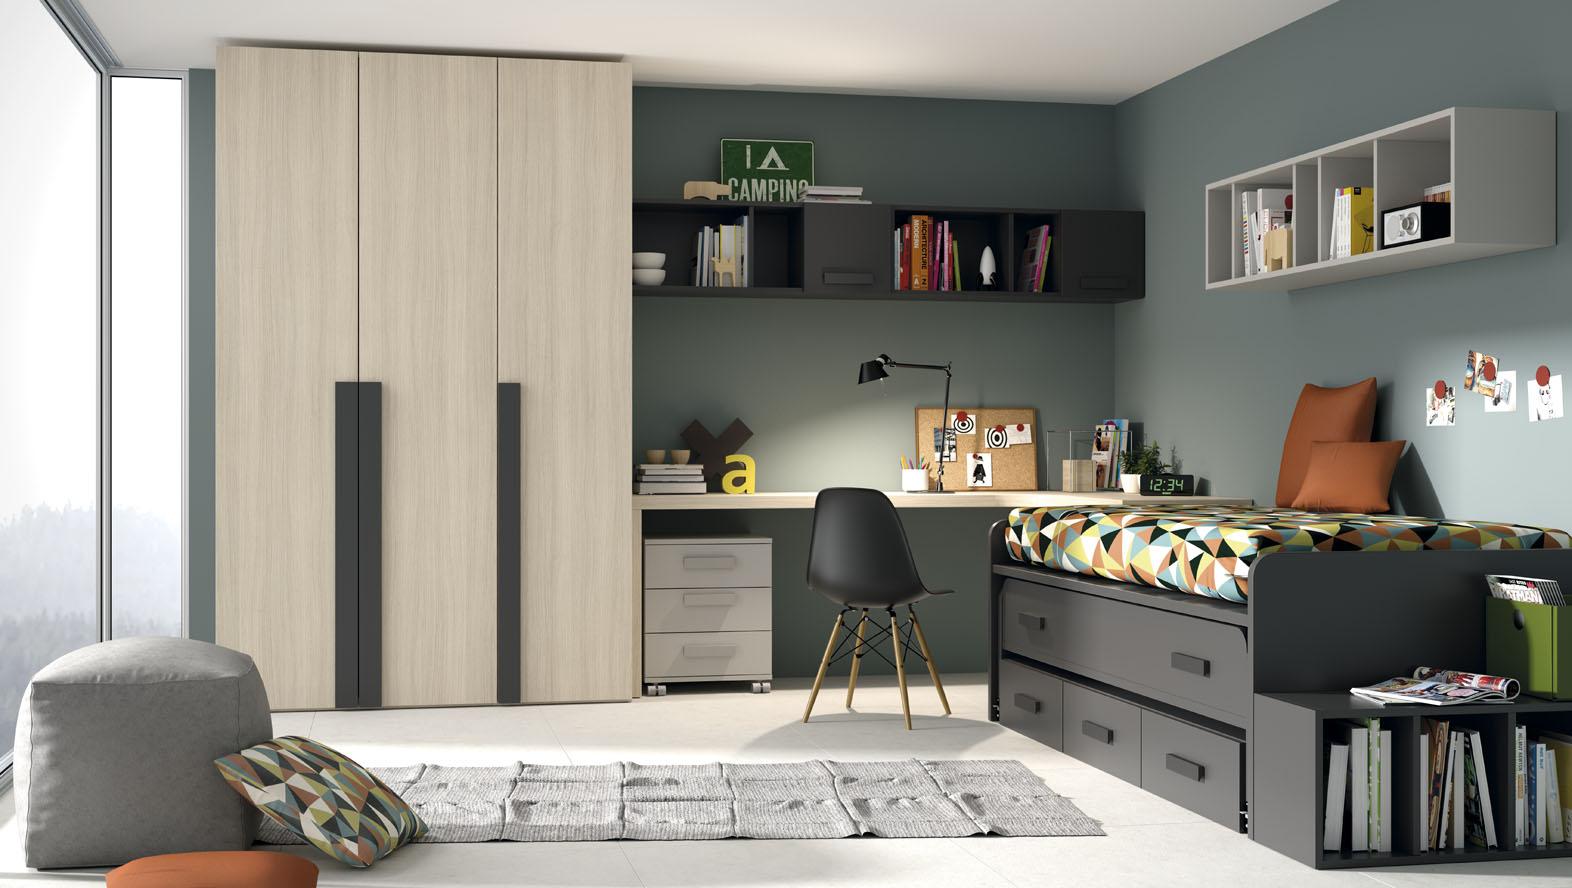 Mueble juvenil y habitaciones infantiles - Cortinas habitacion juvenil ...